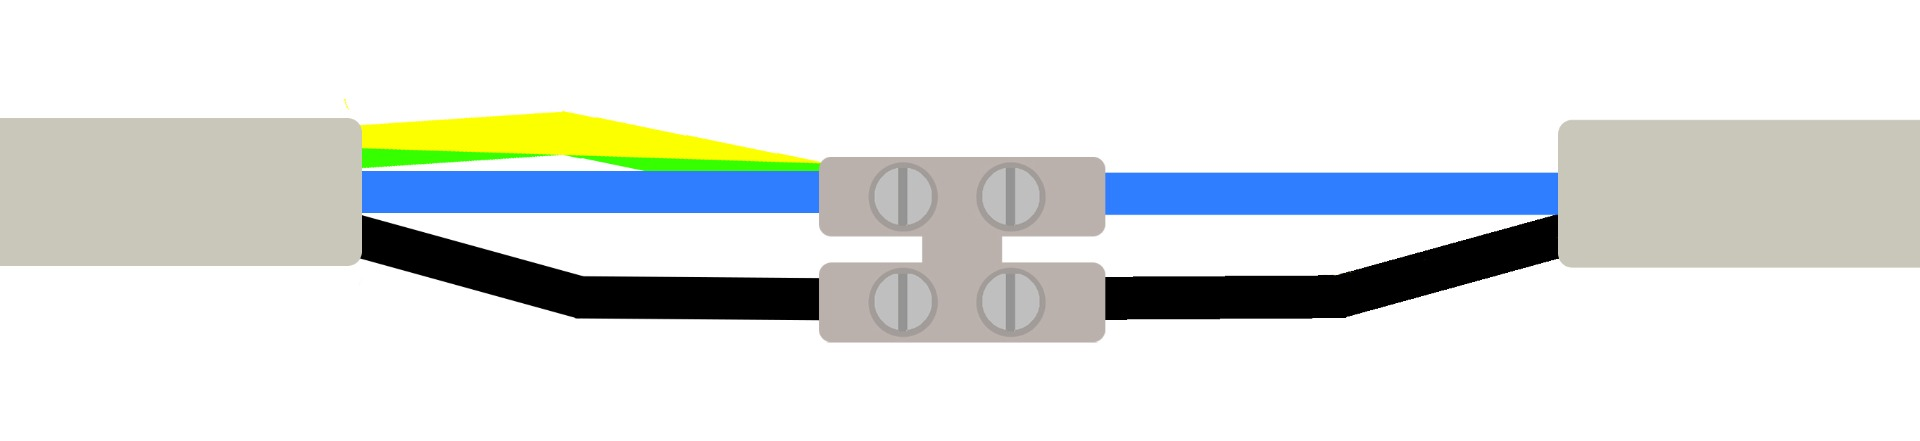 Deckenlampe anschließen mit zwei Deckenkabeln